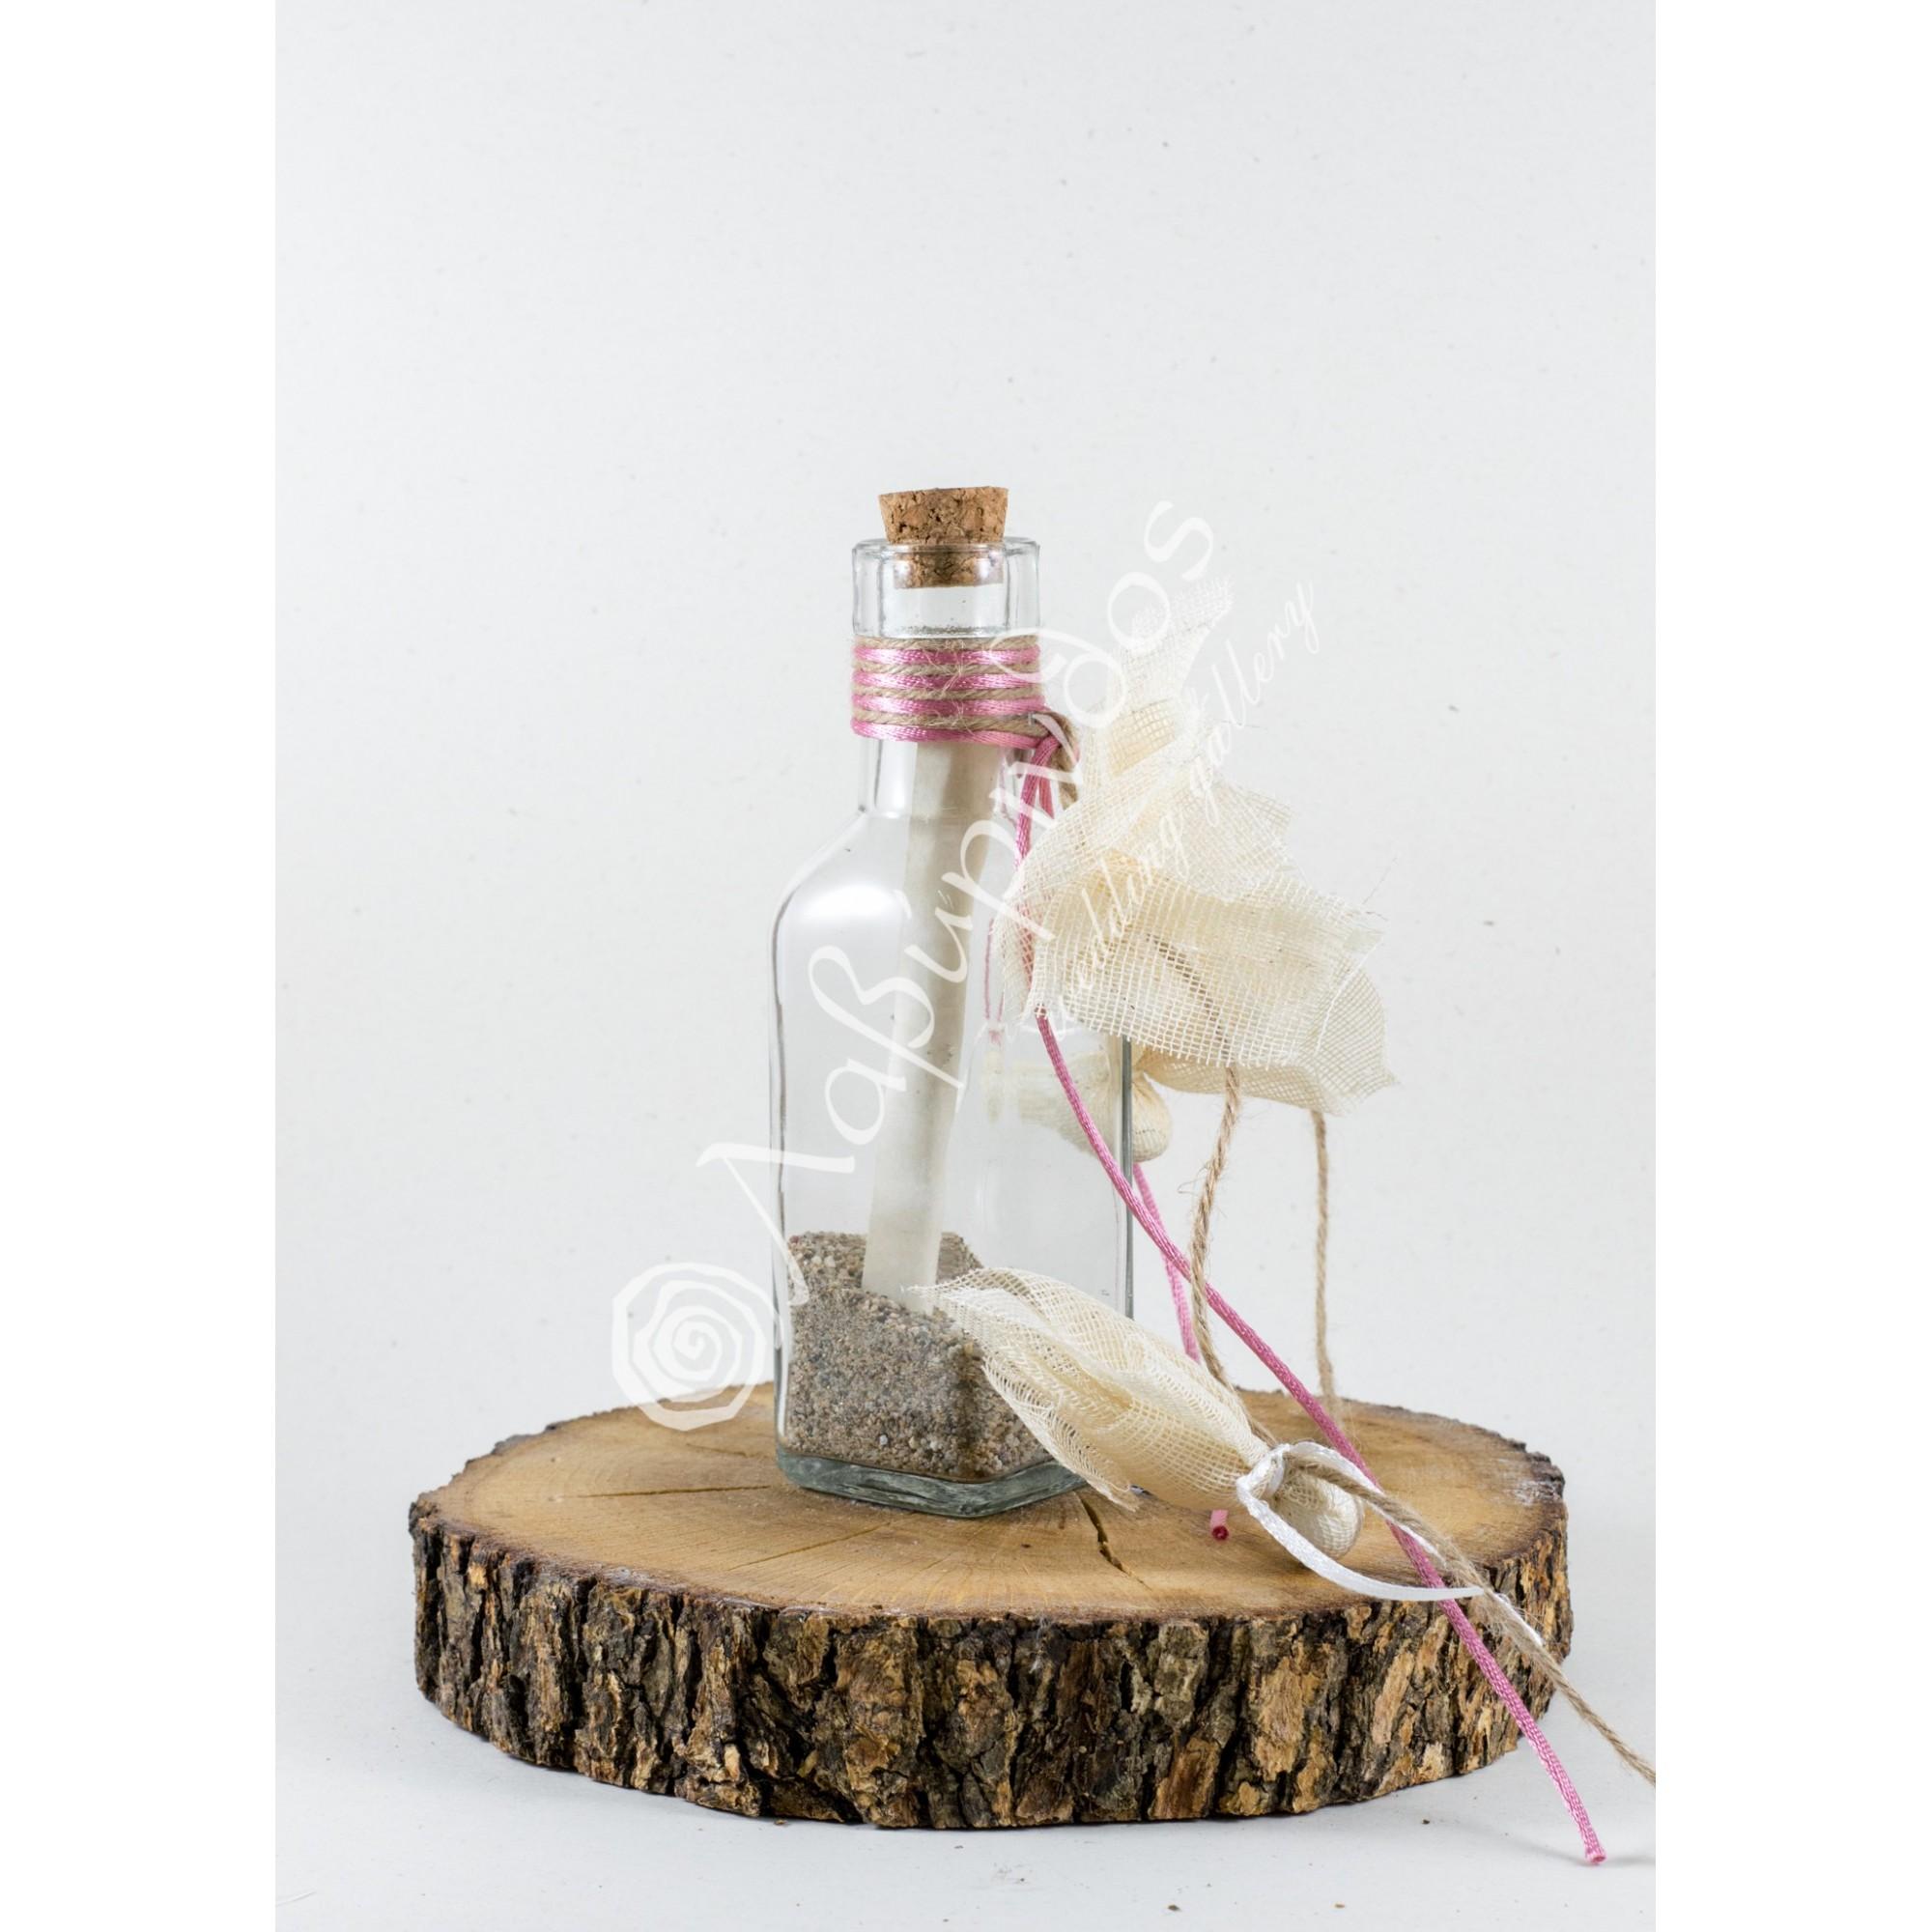 Μπομπονιέρα Γάμου Μπουκαλάκι με Προσκλητήριο - LWG-113212